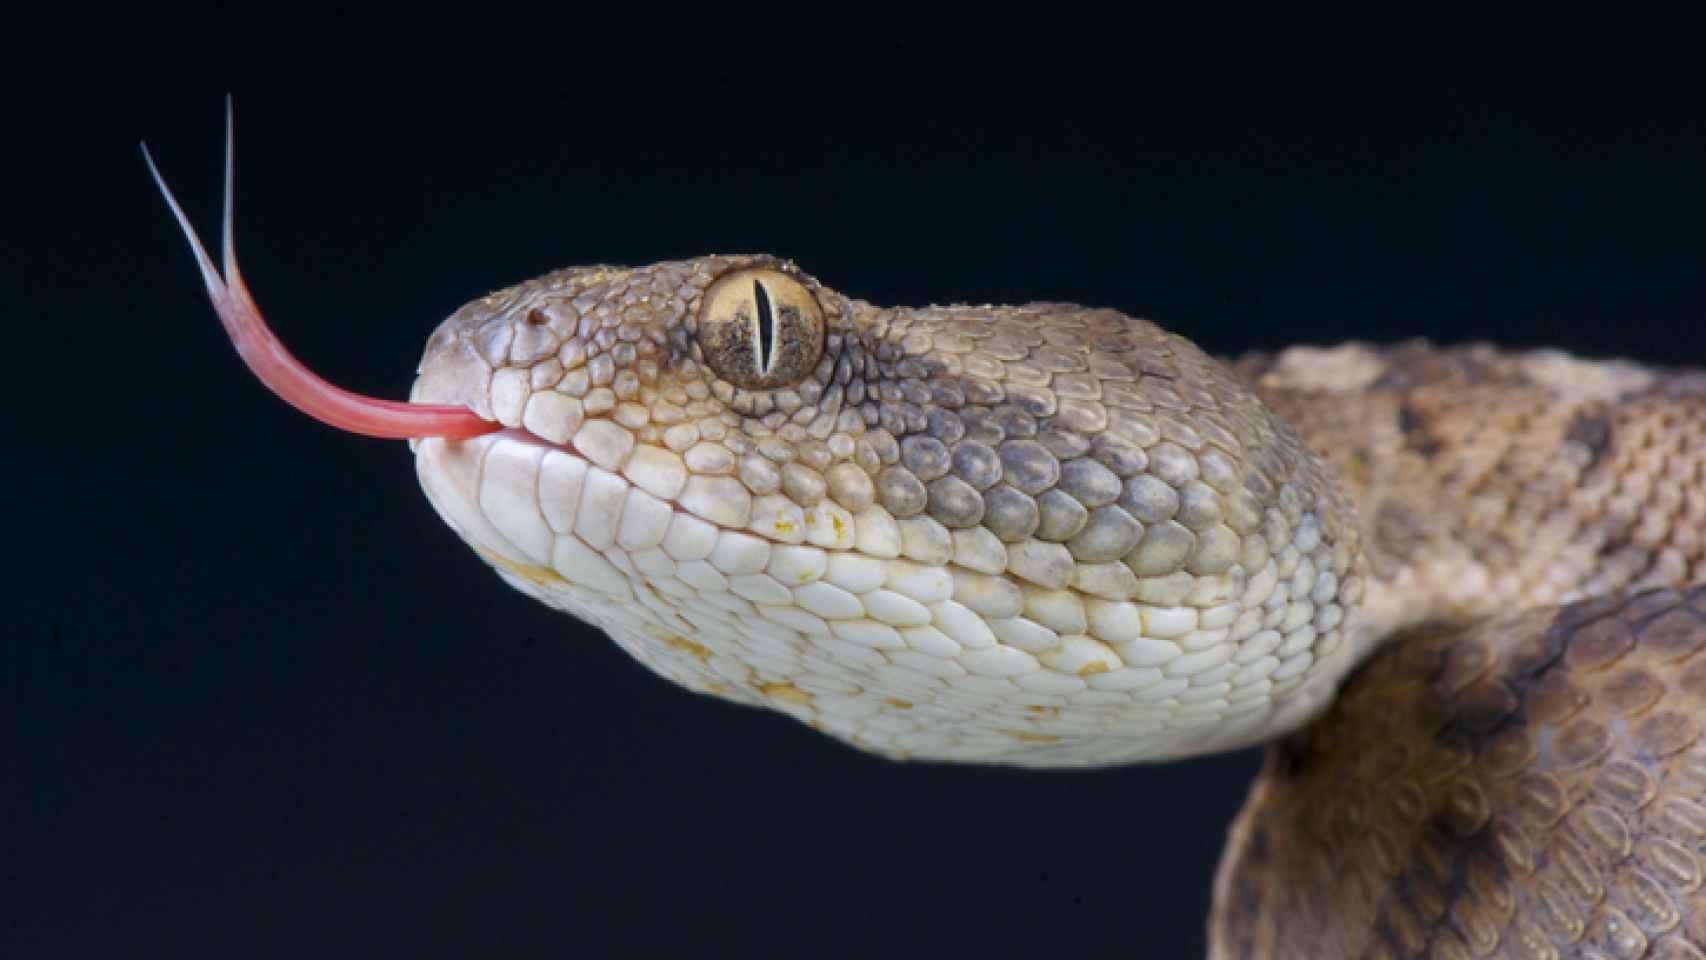 Qué Significa Soñar Con Serpientes El Significado De Los Sueños